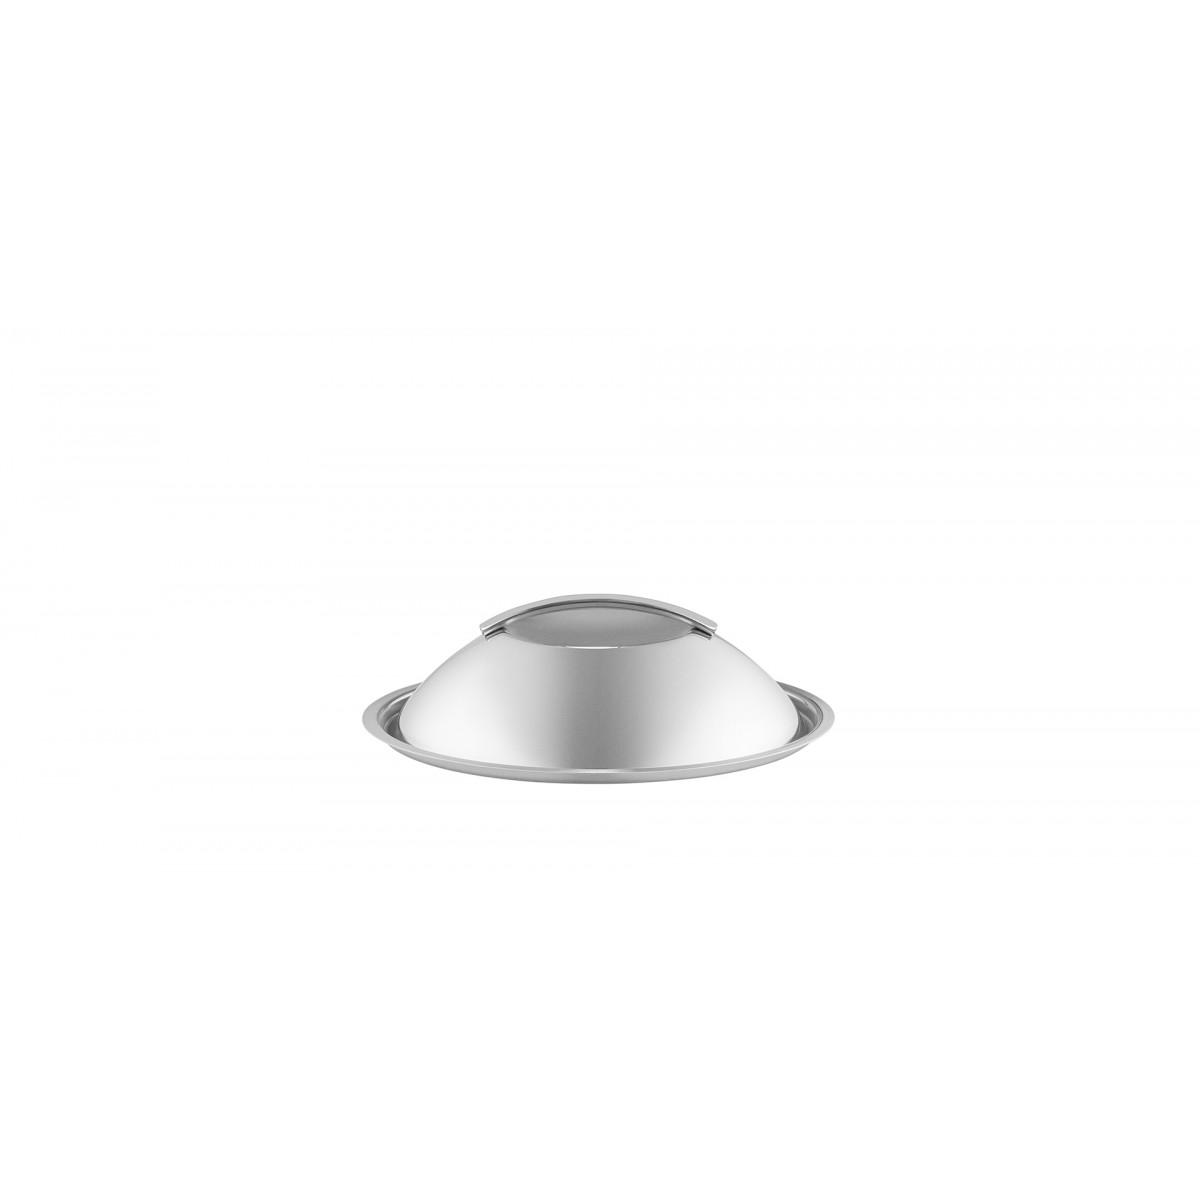 EVA TRIO Kuppellåg stål 20 cm.